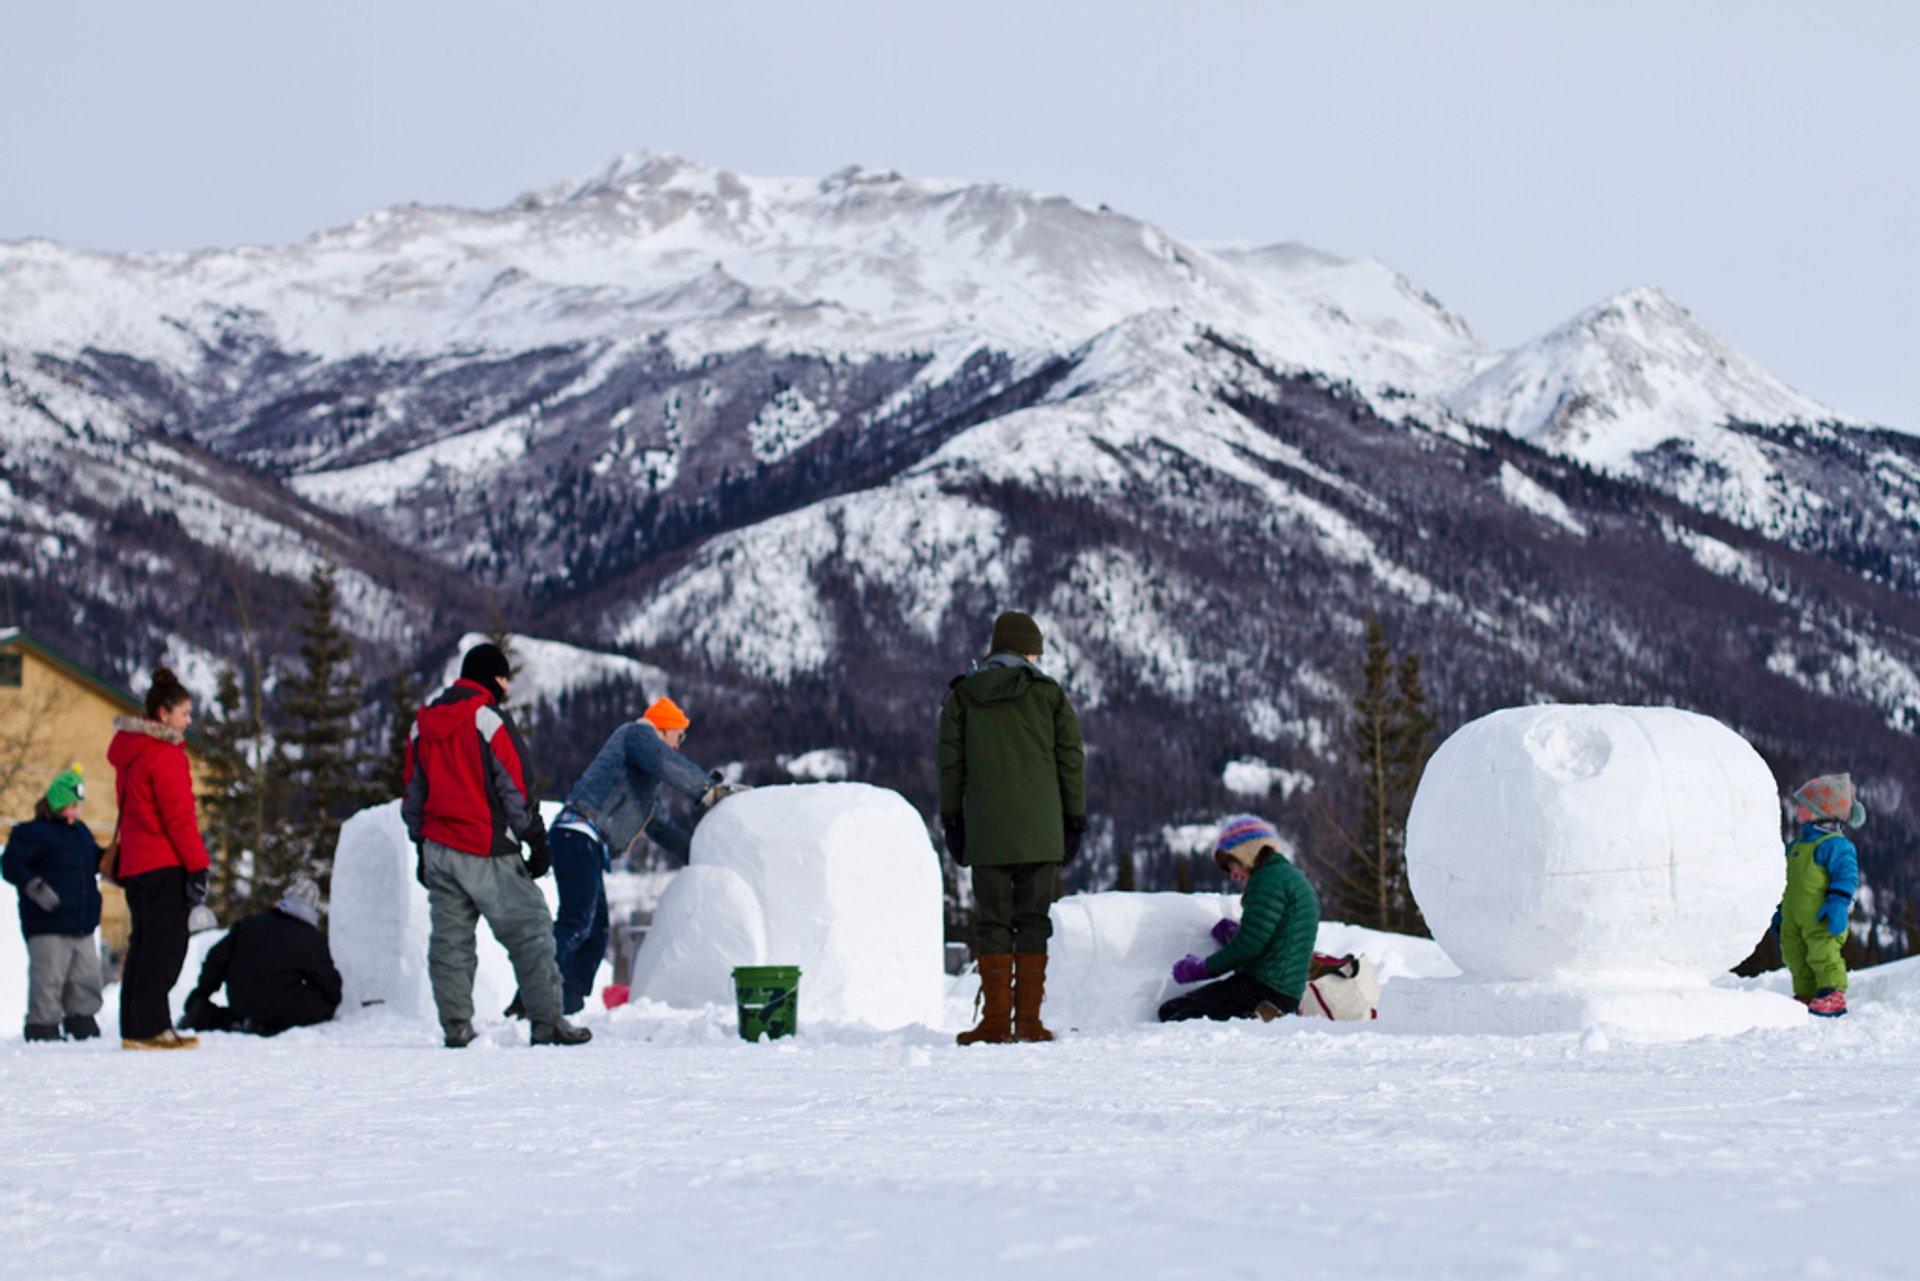 Denali Winterfest in Alaska - Best Season 2020